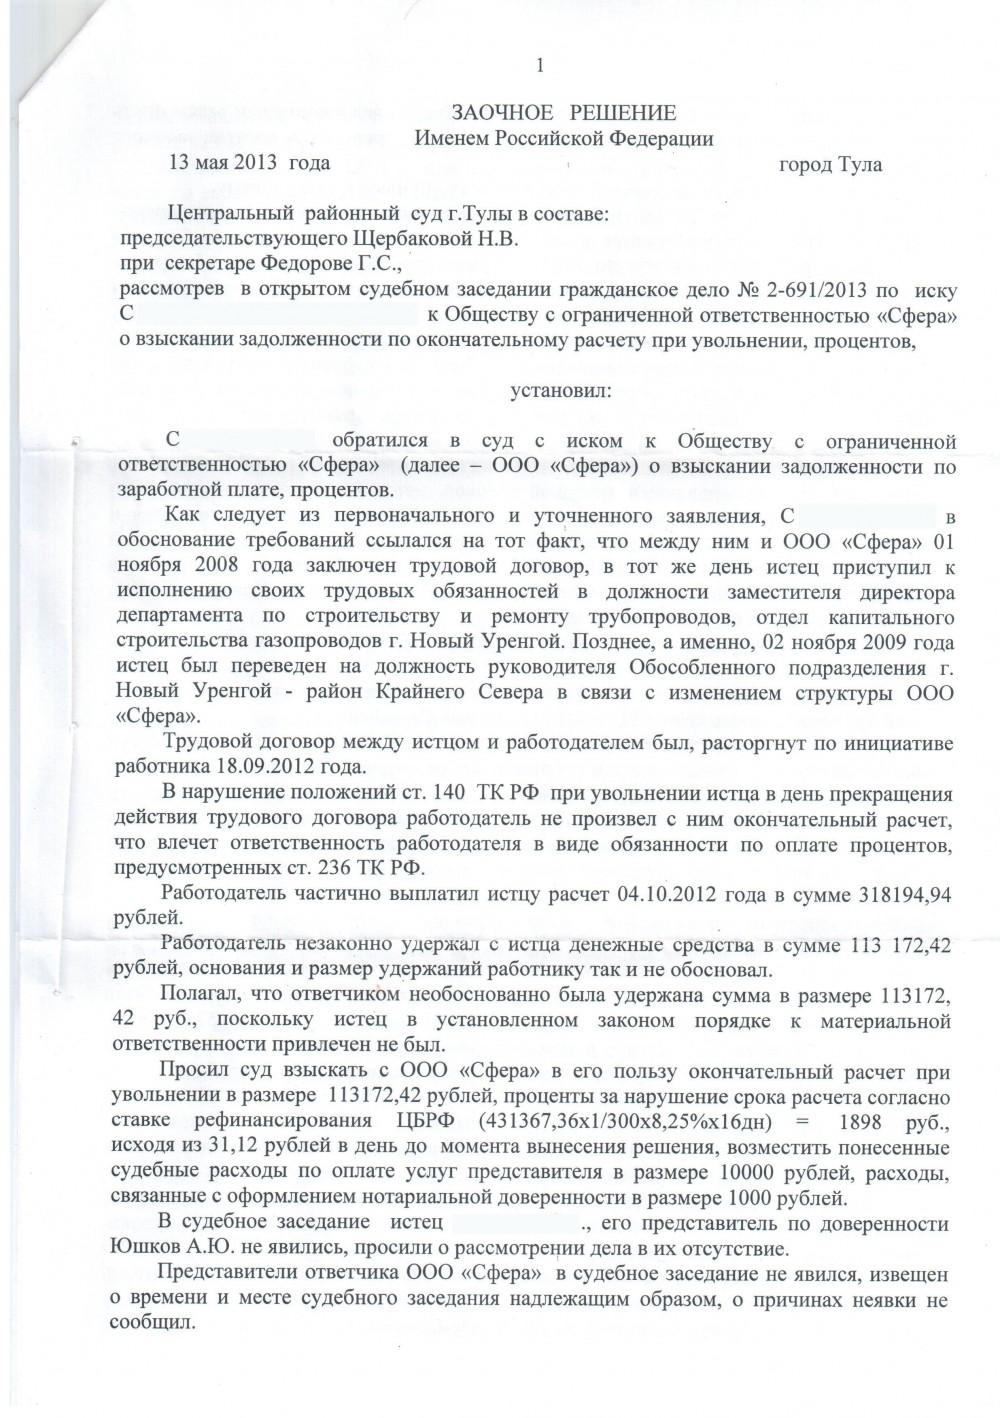 как узнать решение суда от 16 11 2015 кировский суд гражданское дело